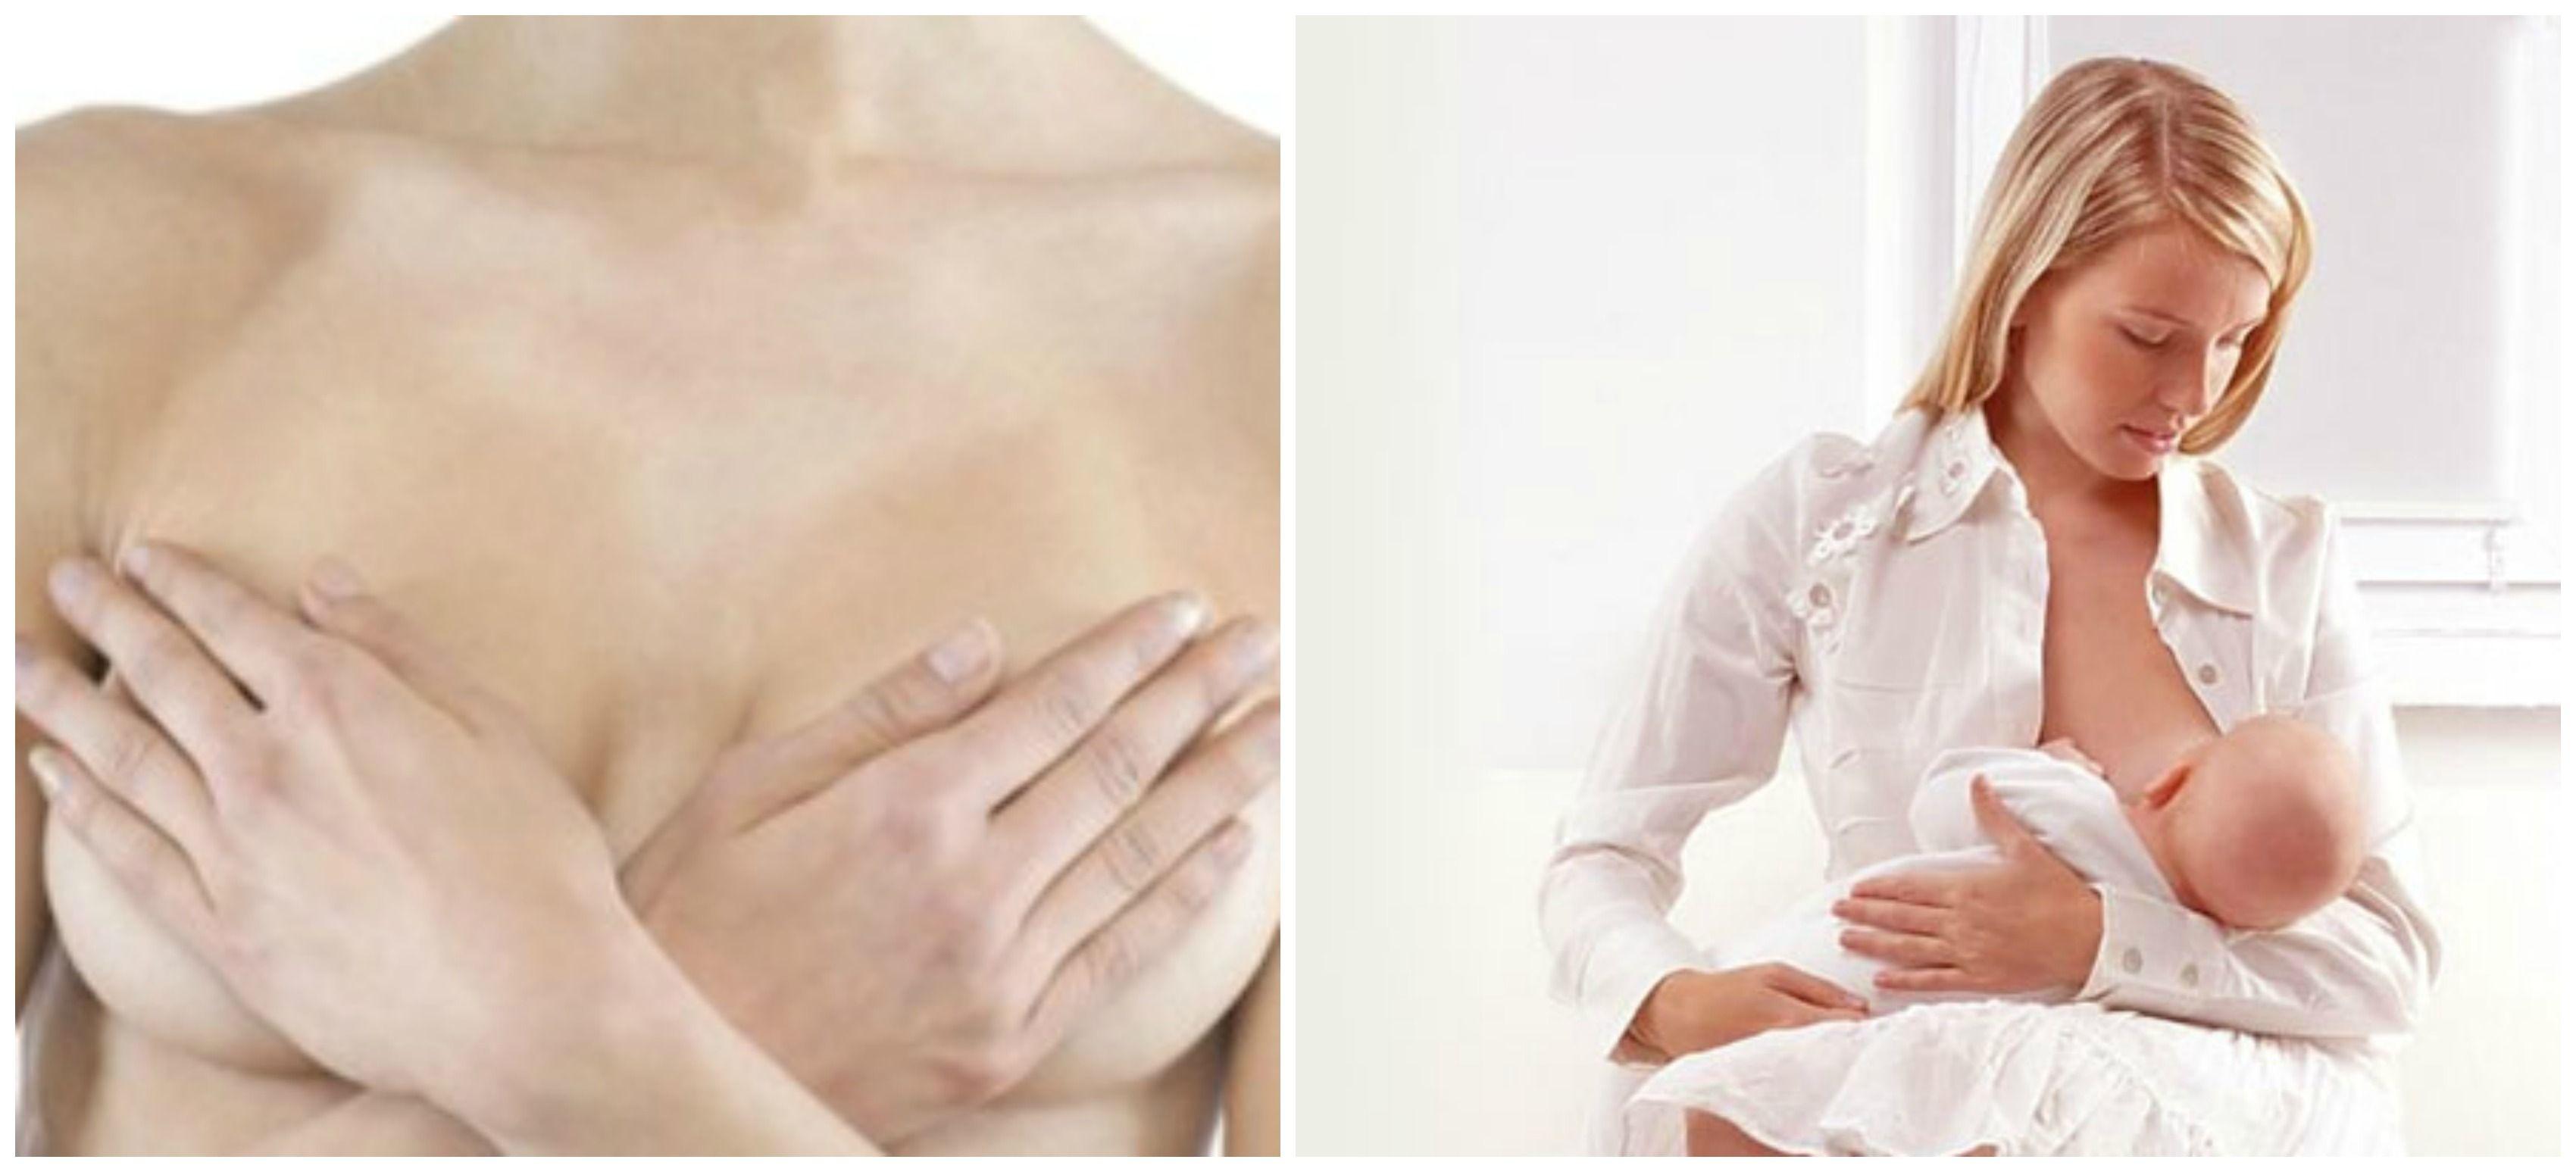 Фото больших ореол и сосков, Большие ореолы груди (big nipples) фото и видео 26 фотография